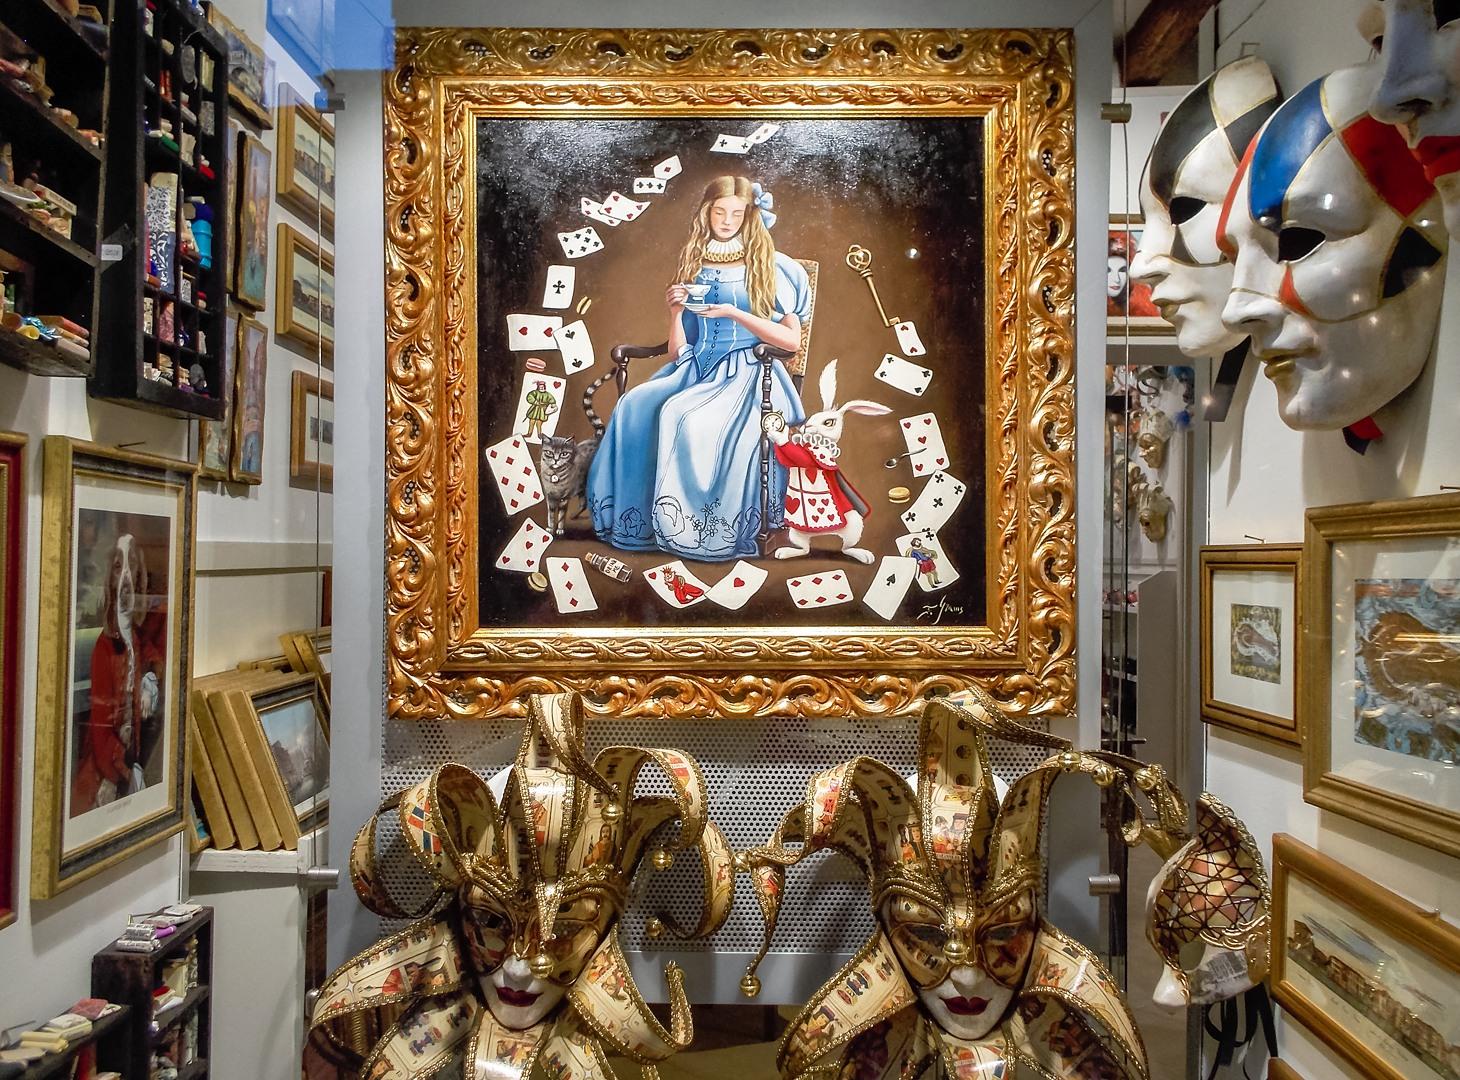 Алиса в стране чудес, Венеция, Италия